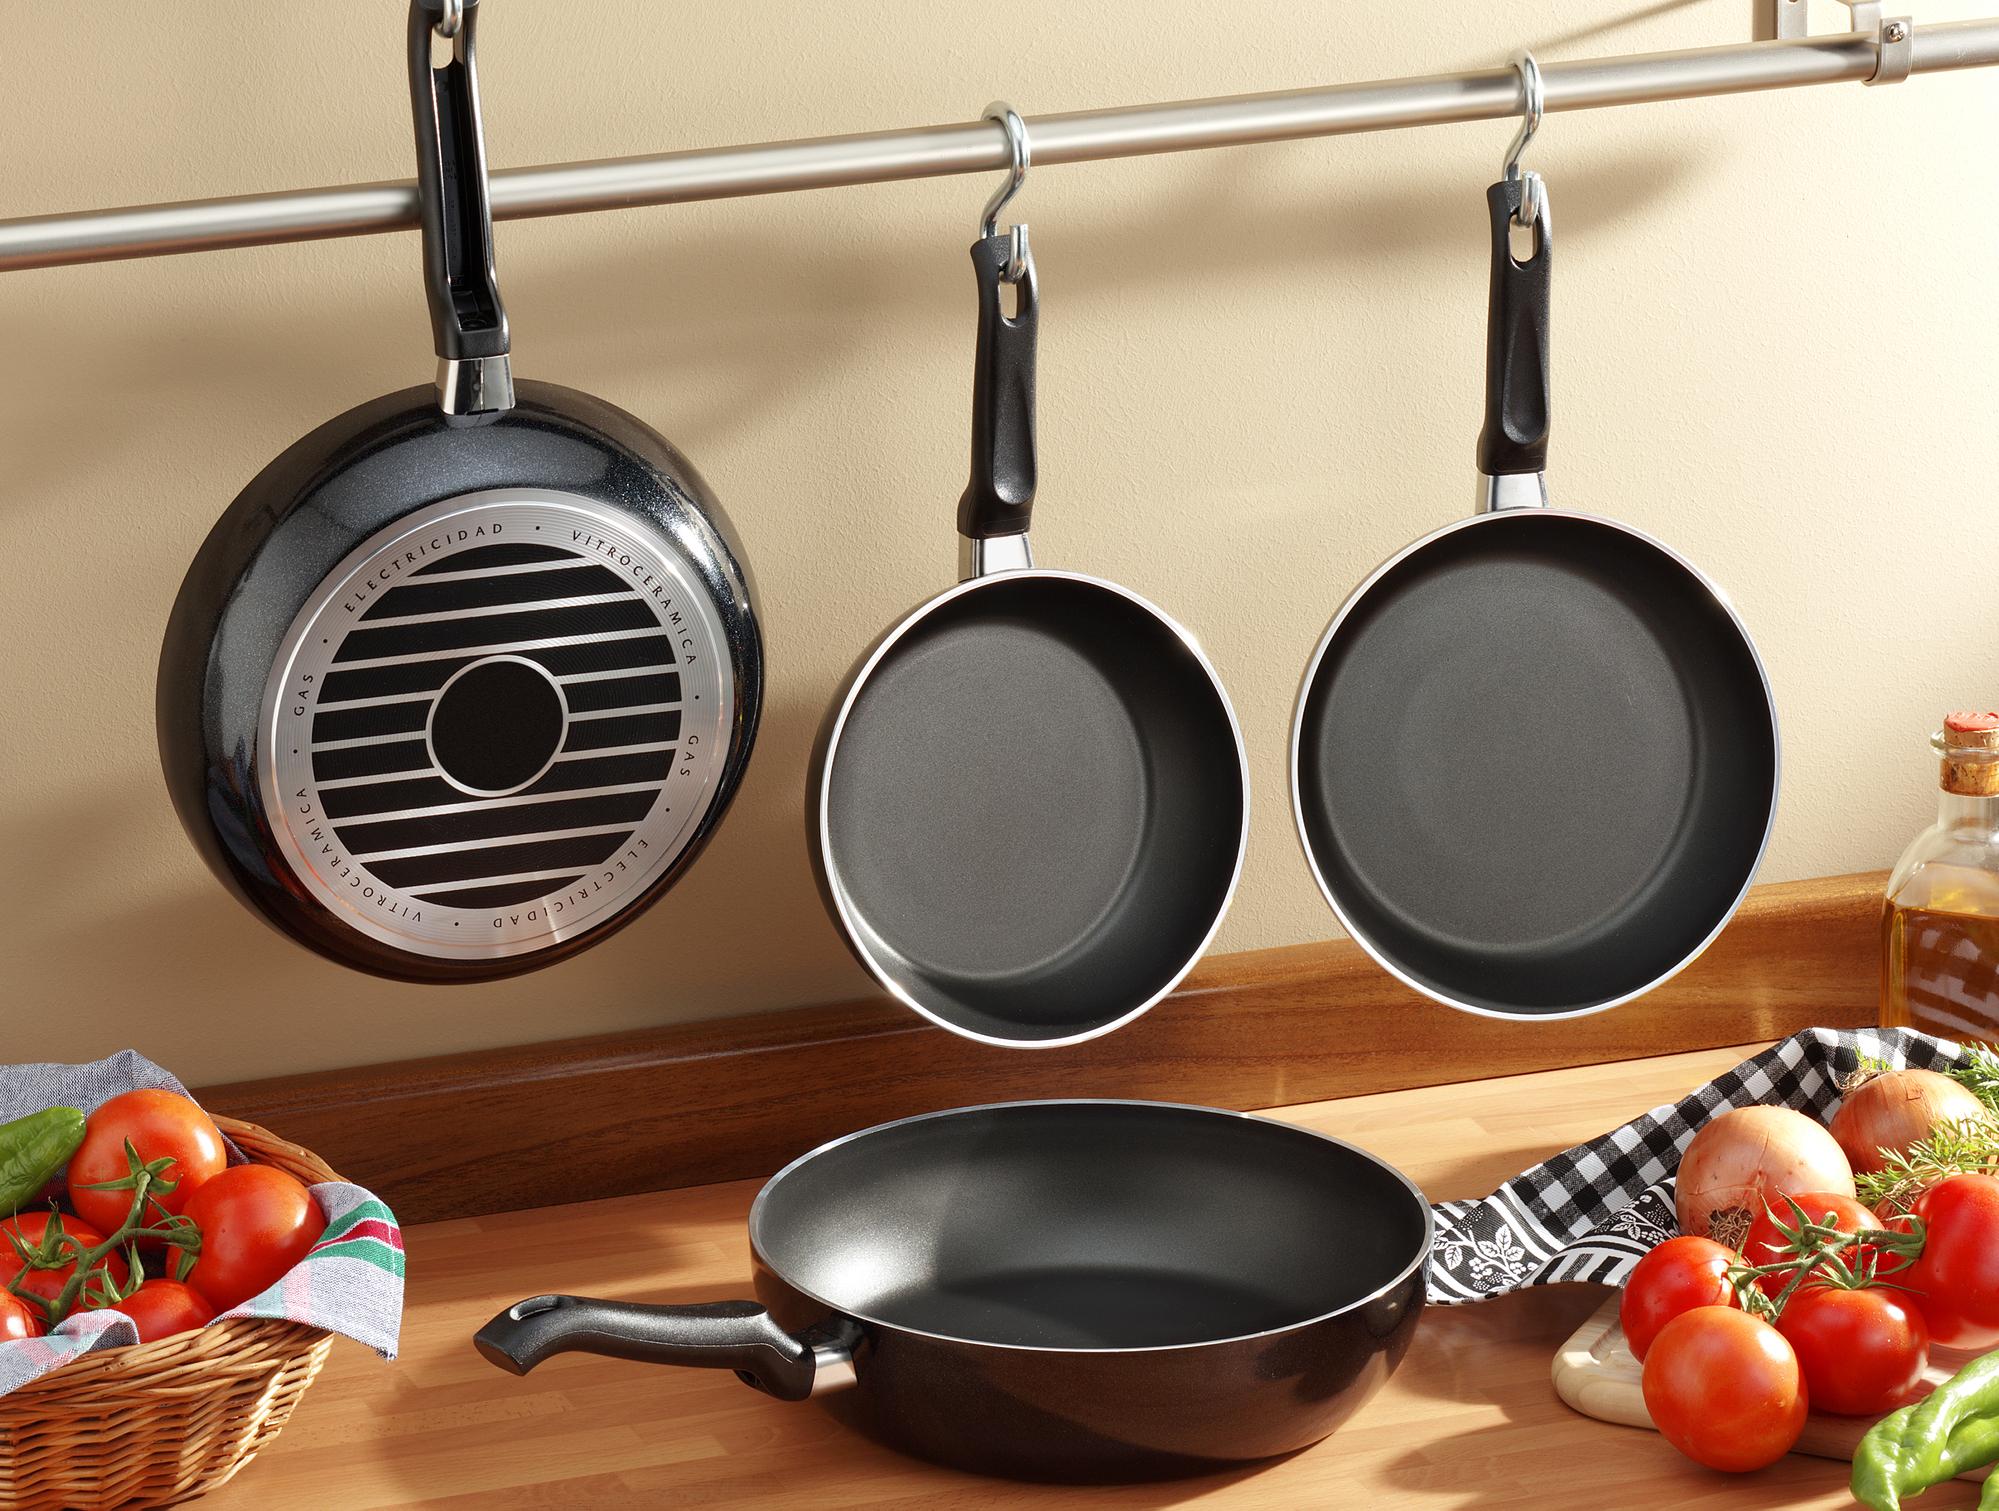 Рейтинг самых удобных размеров сковородок